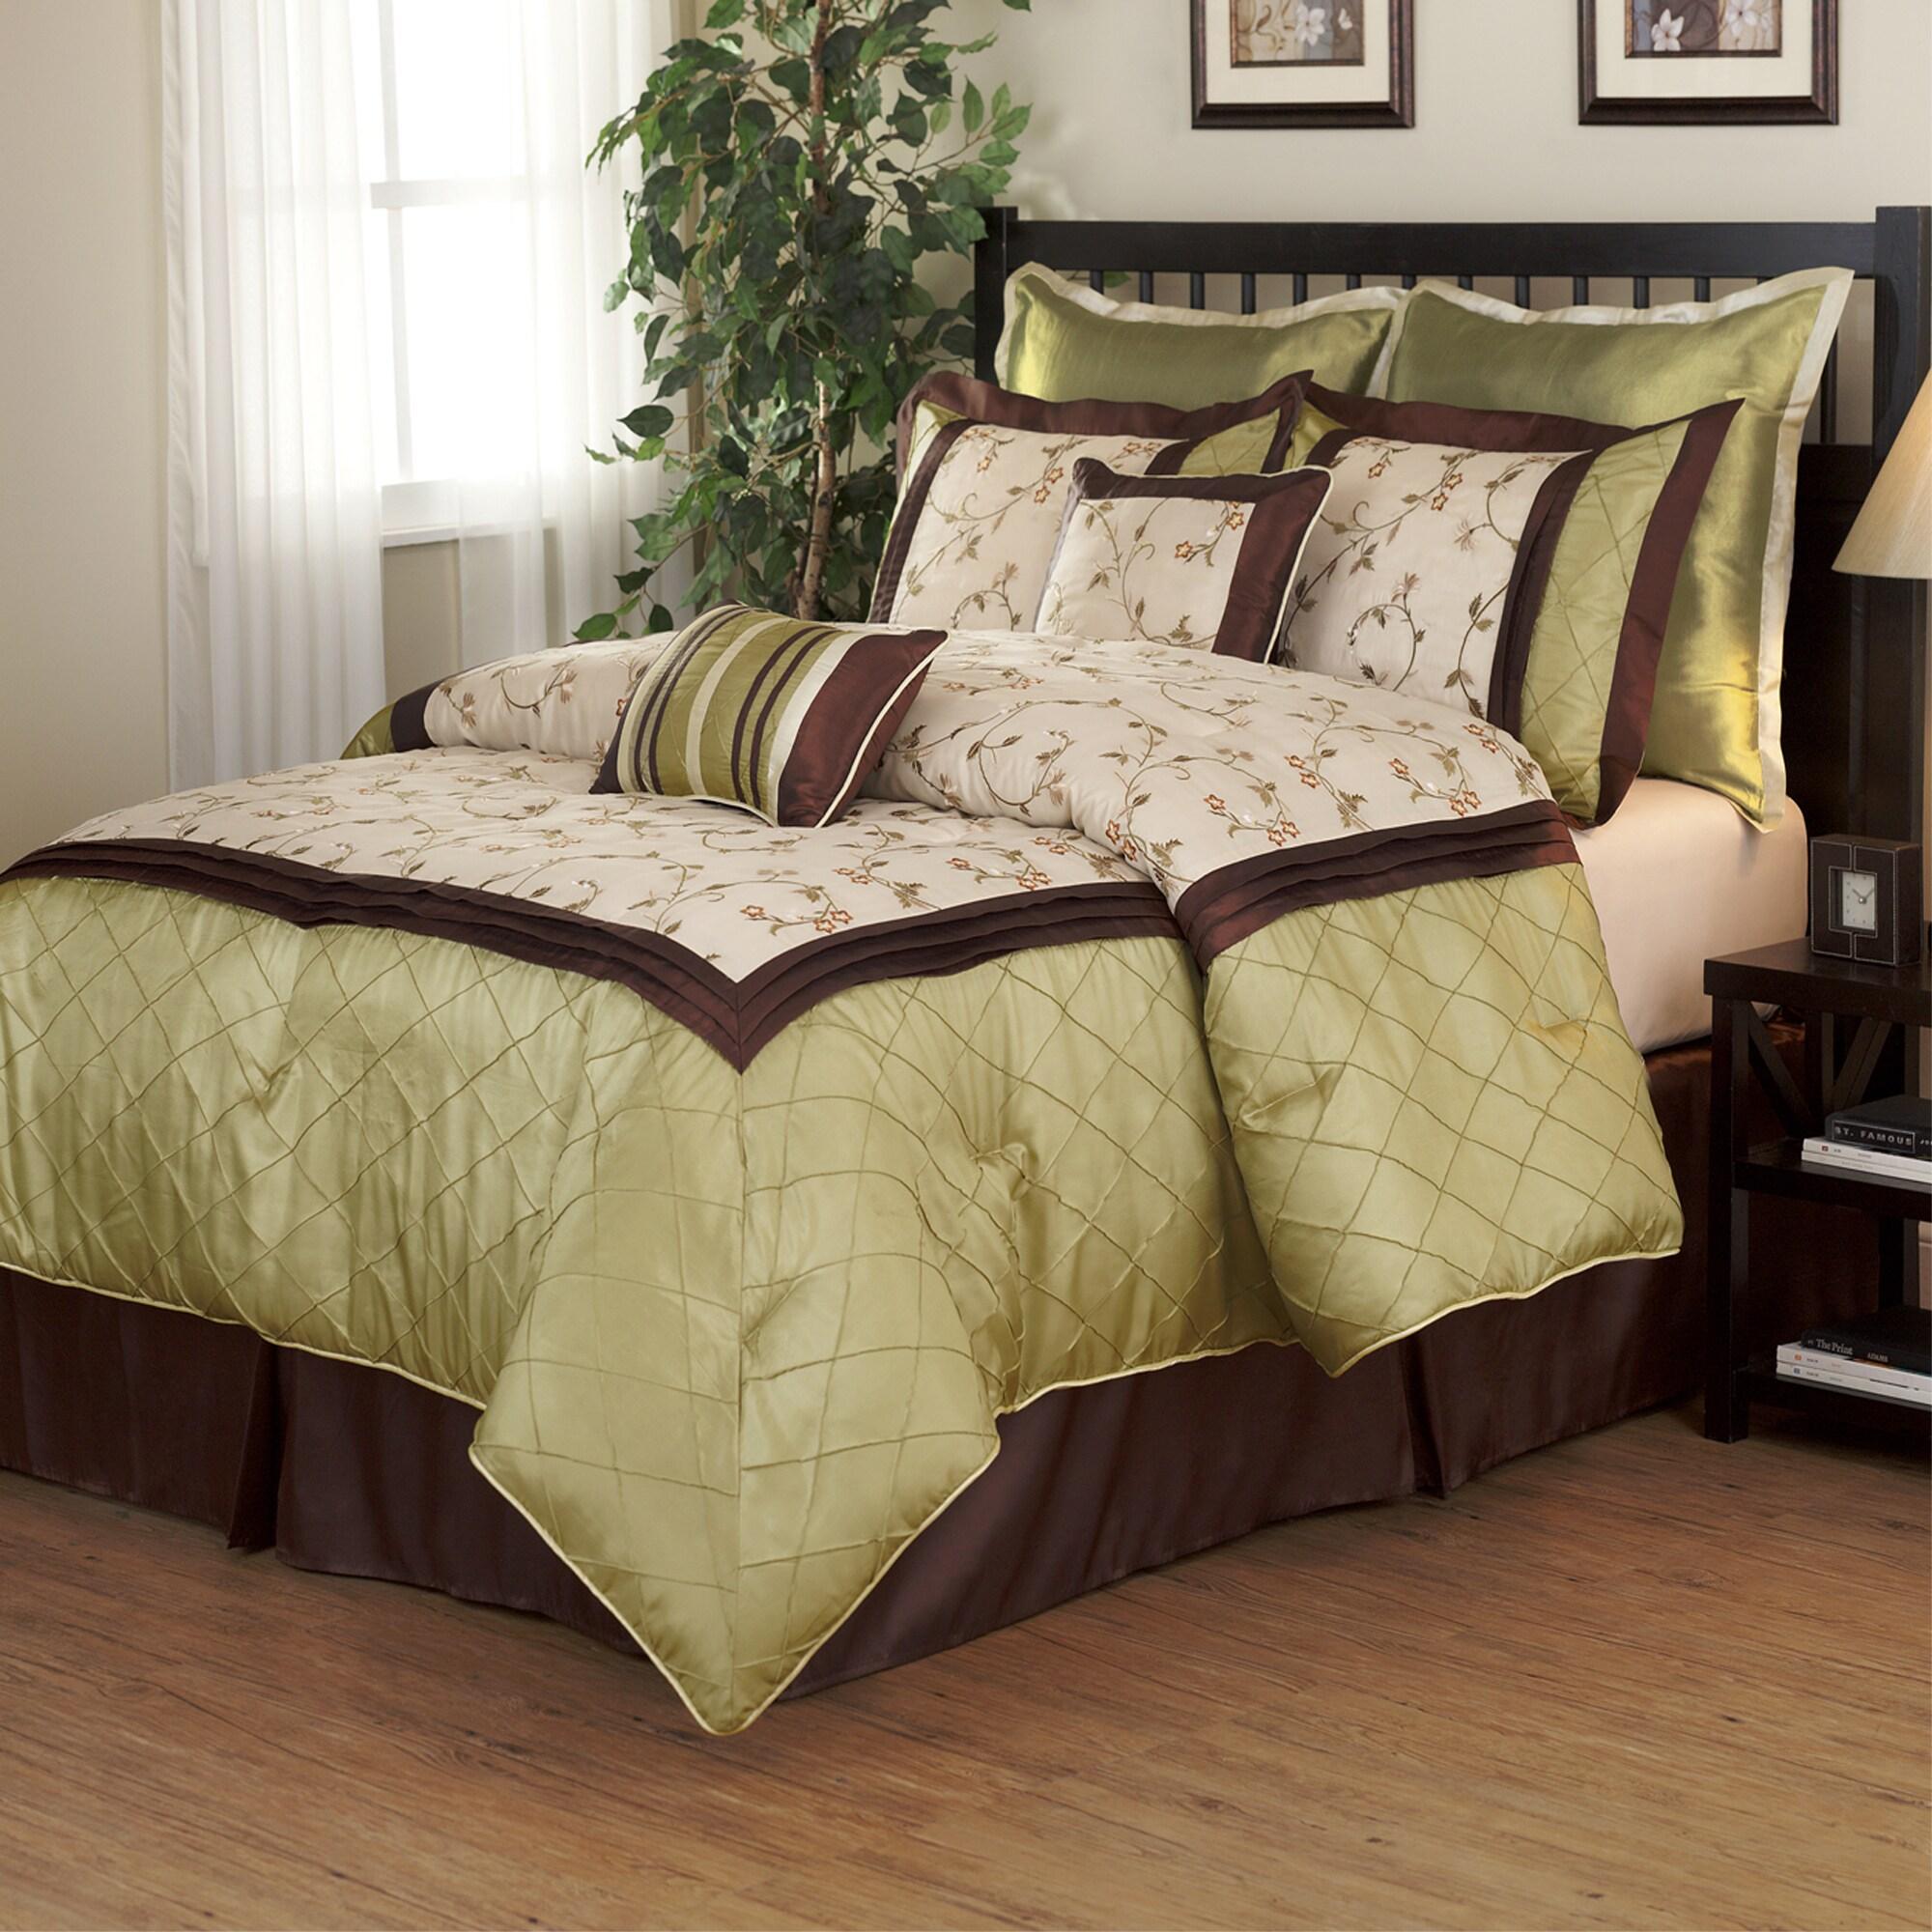 Savanna Green Brown 8 Piece Comforter Set Overstock 5814923